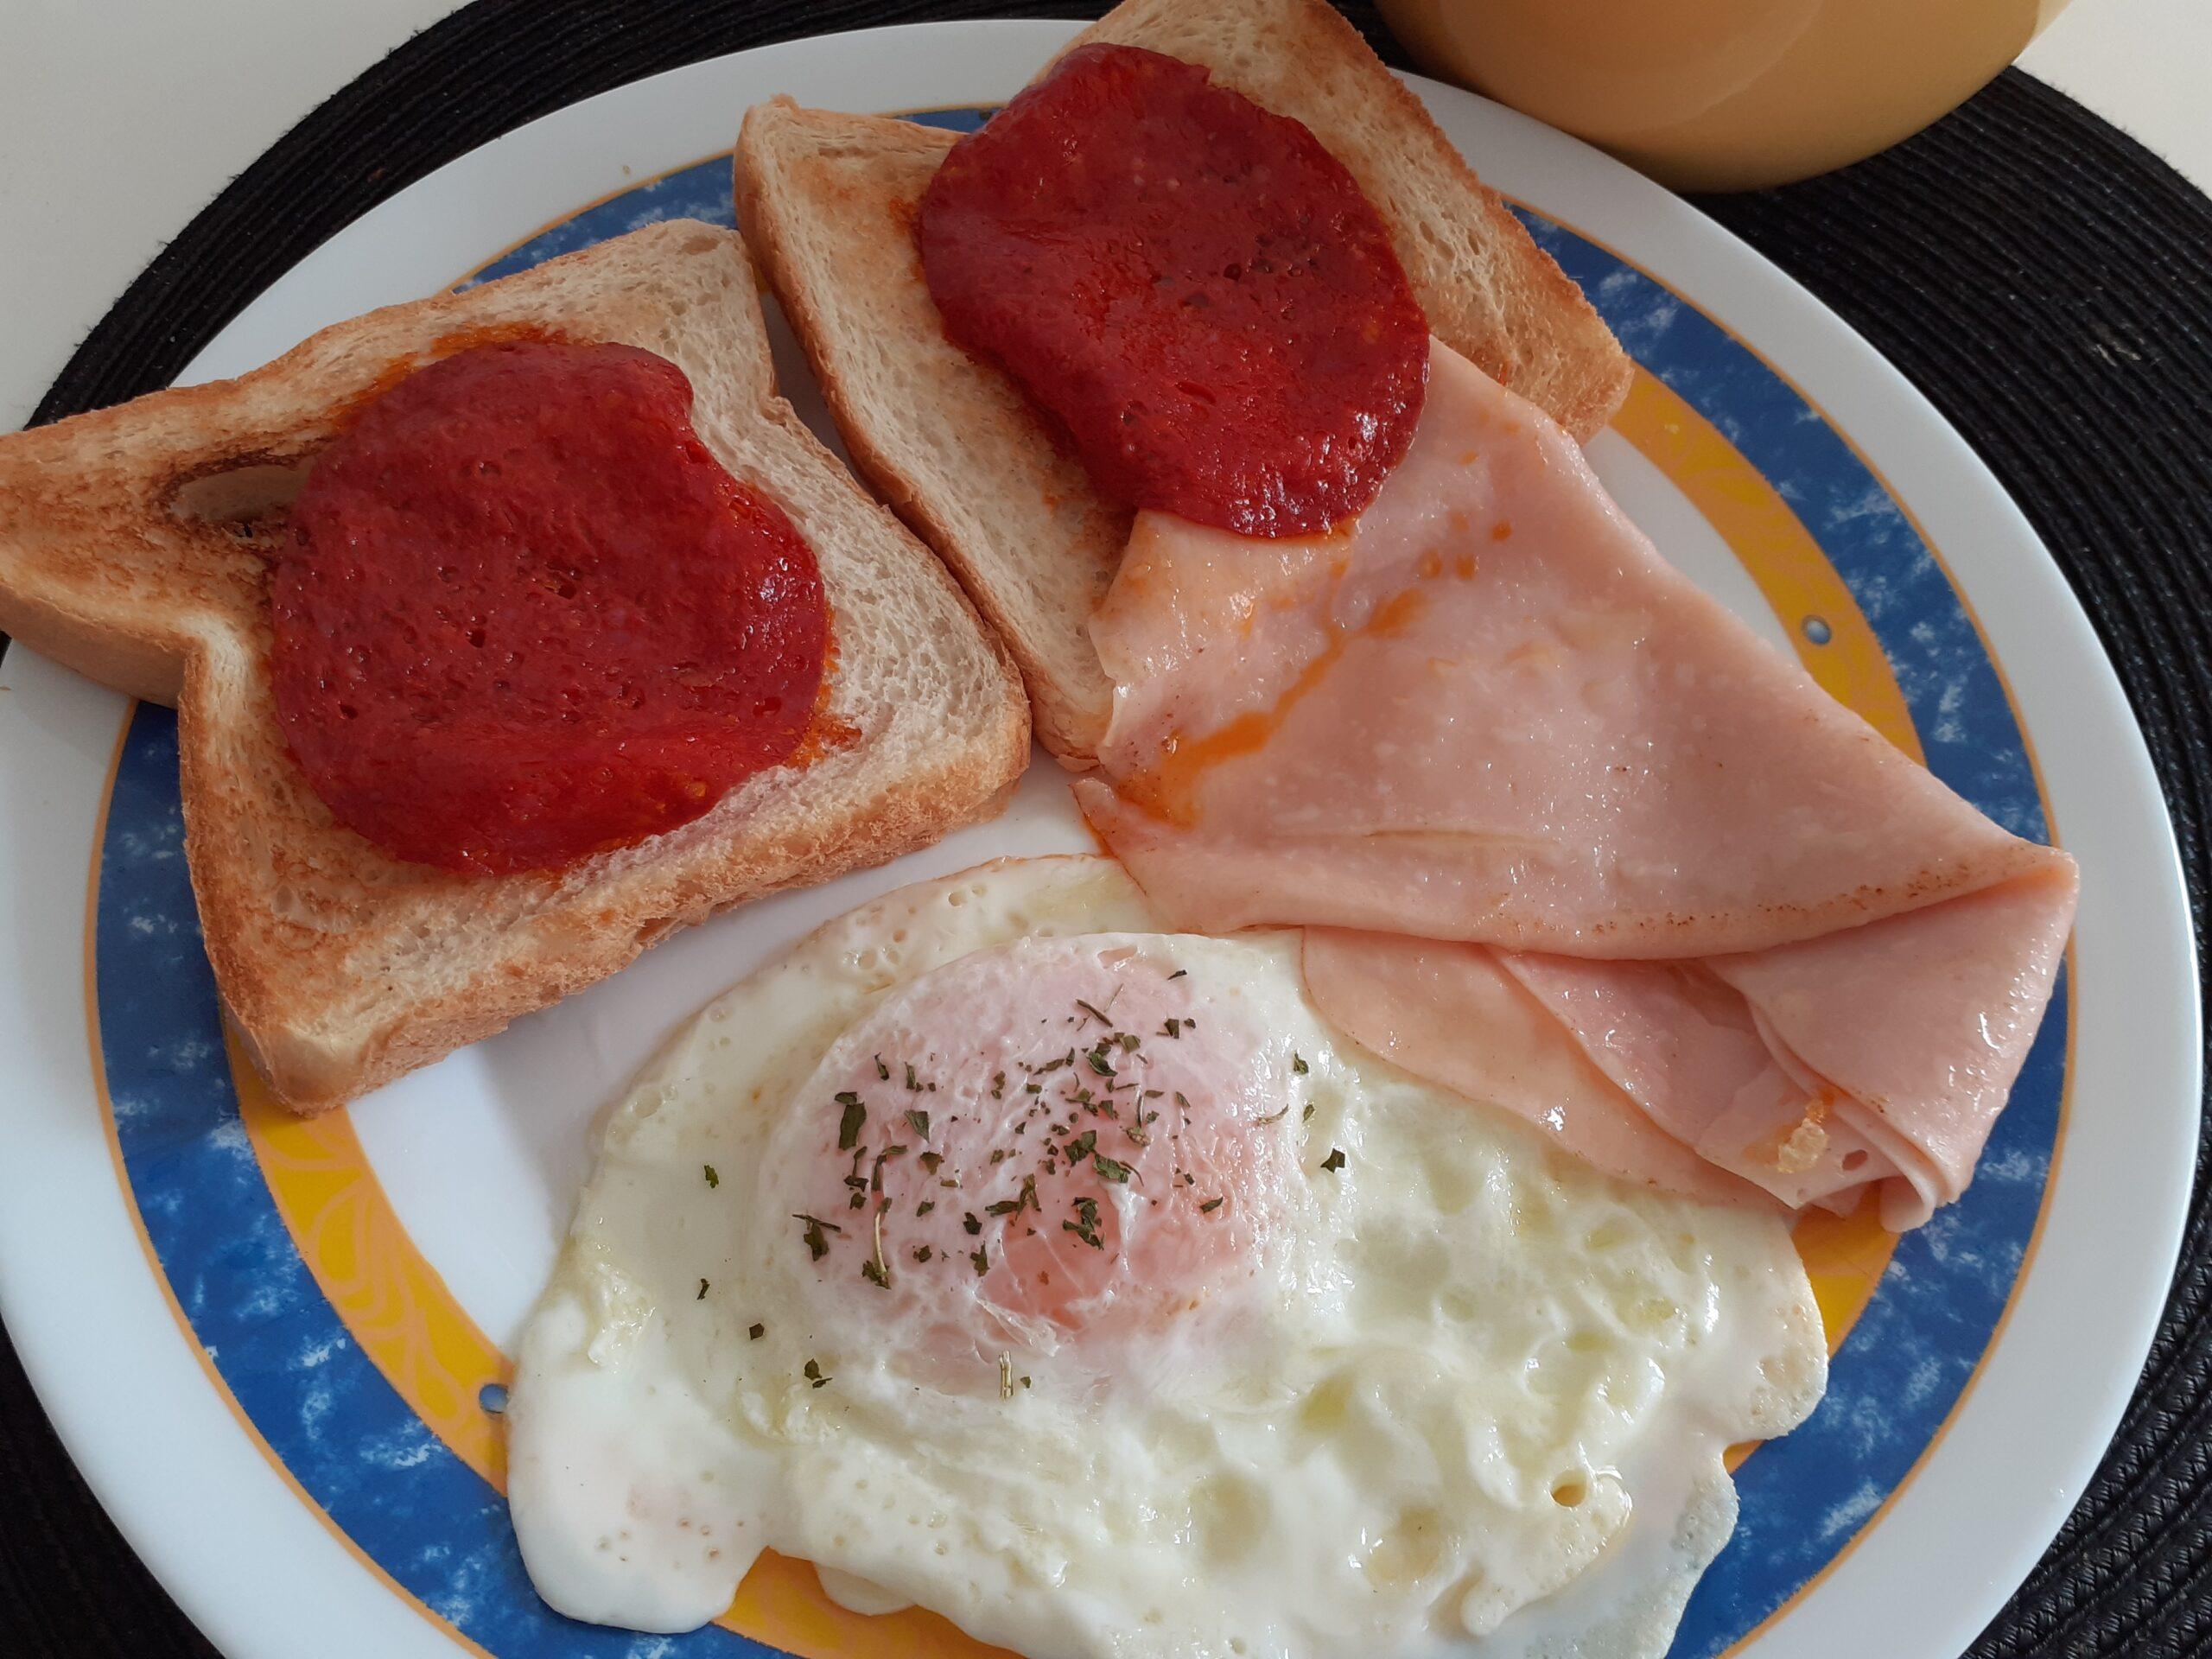 Receta Desayuno quédate en casa breakfast